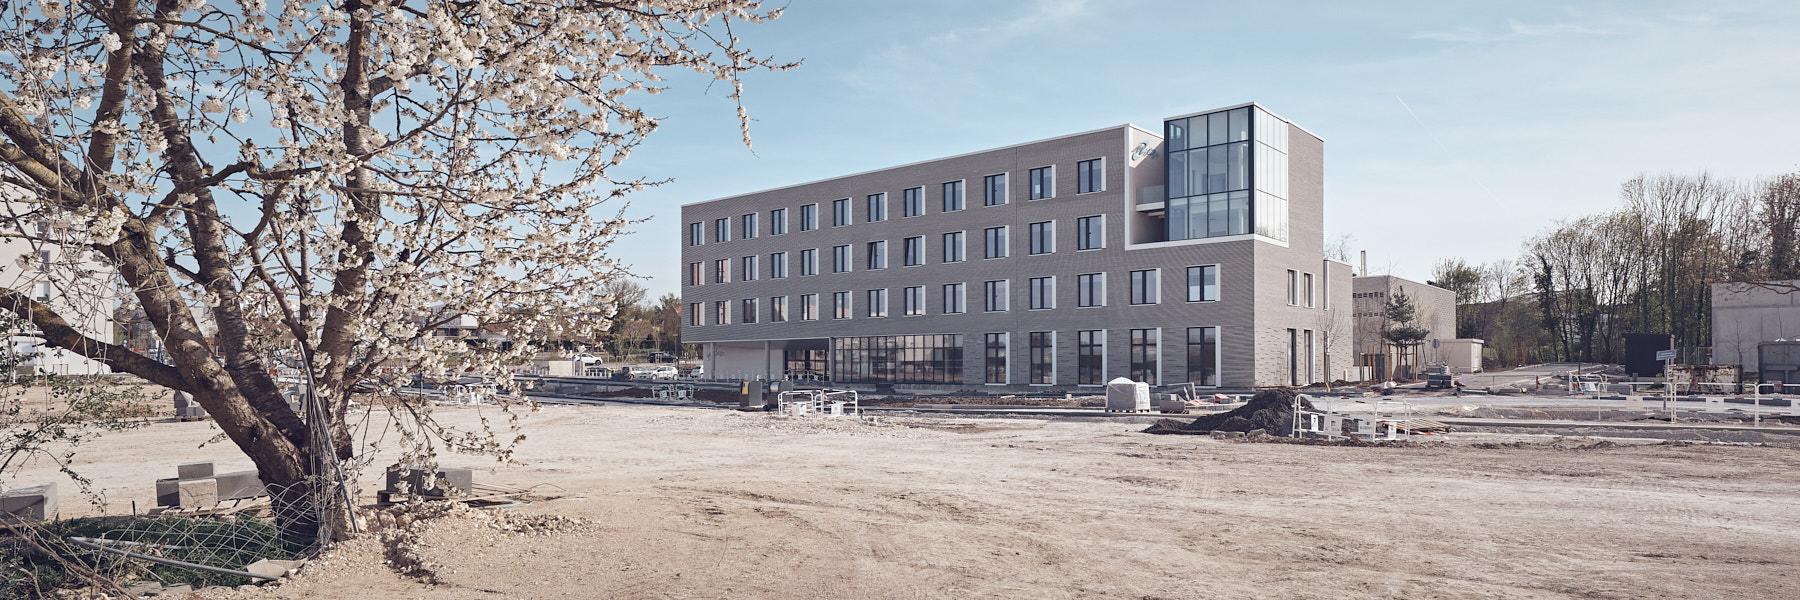 Construction du nouveau centre Mipih à Amiens par Enia architectes